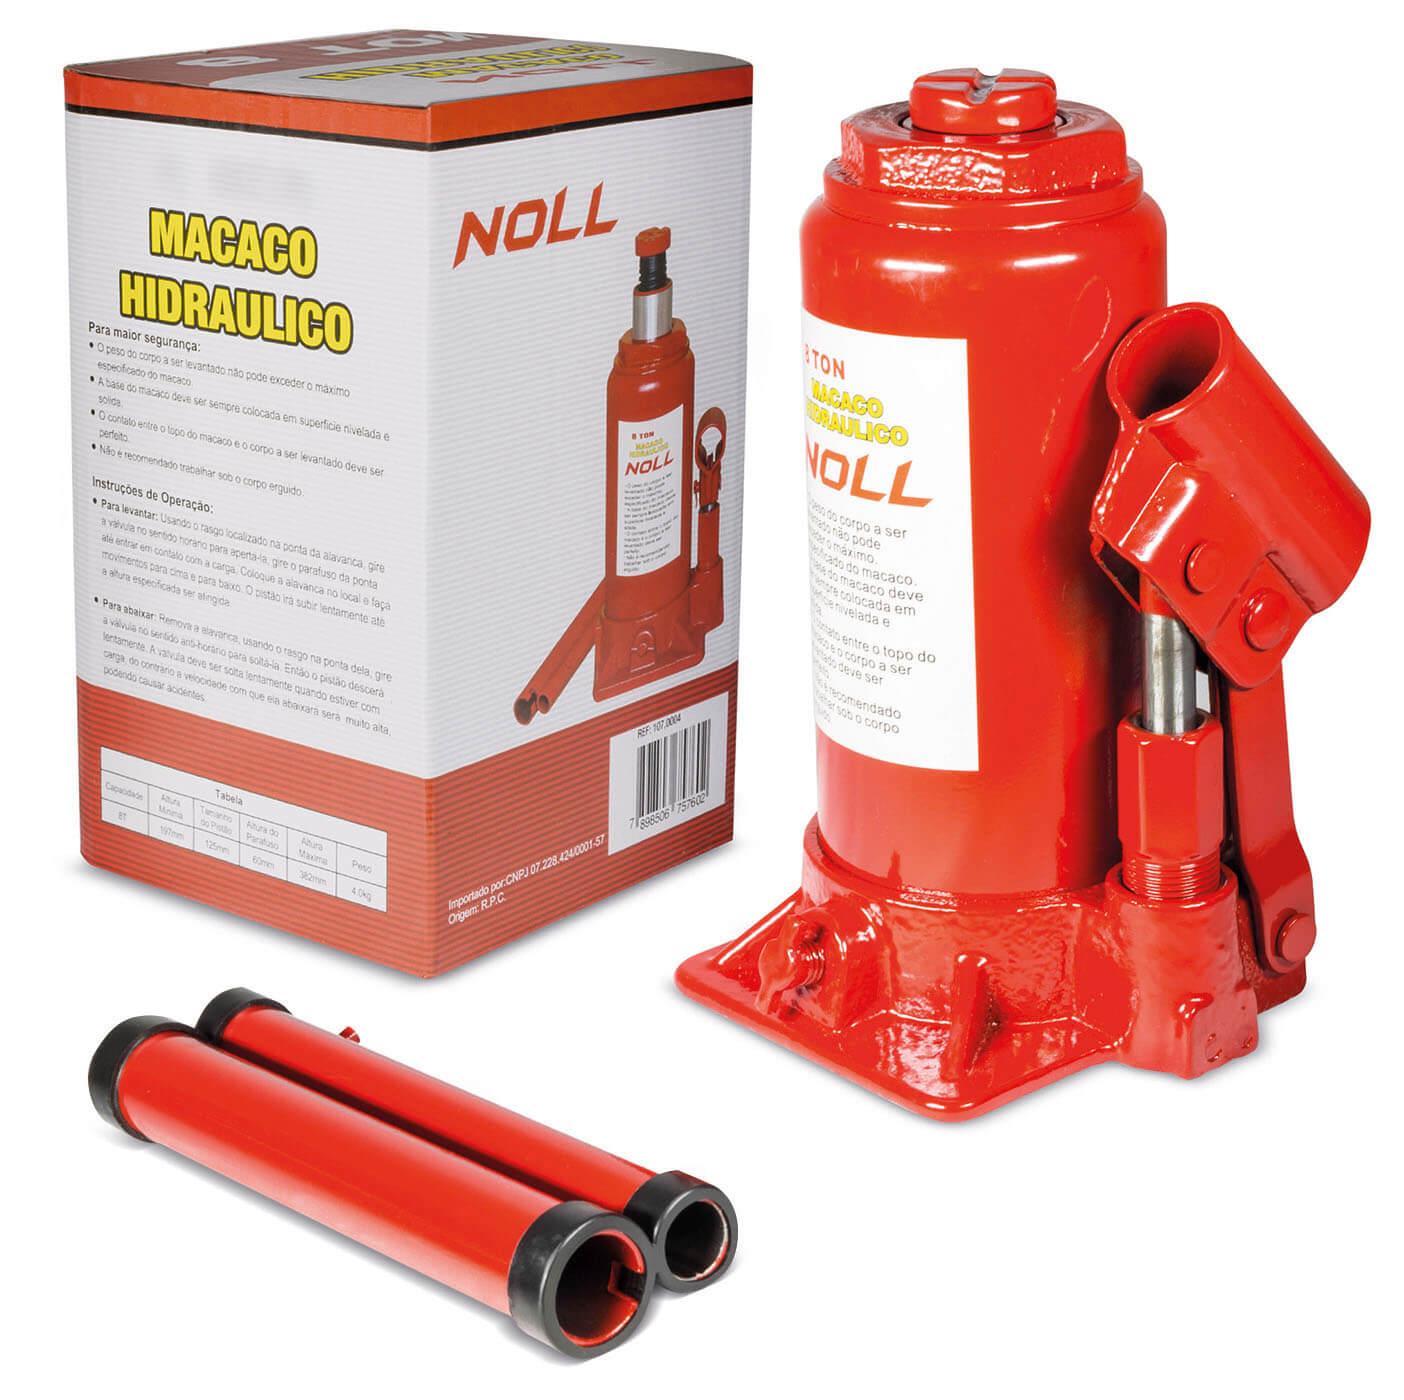 Macaco hidráulico tipo garrafa 12 toneladas - Noll